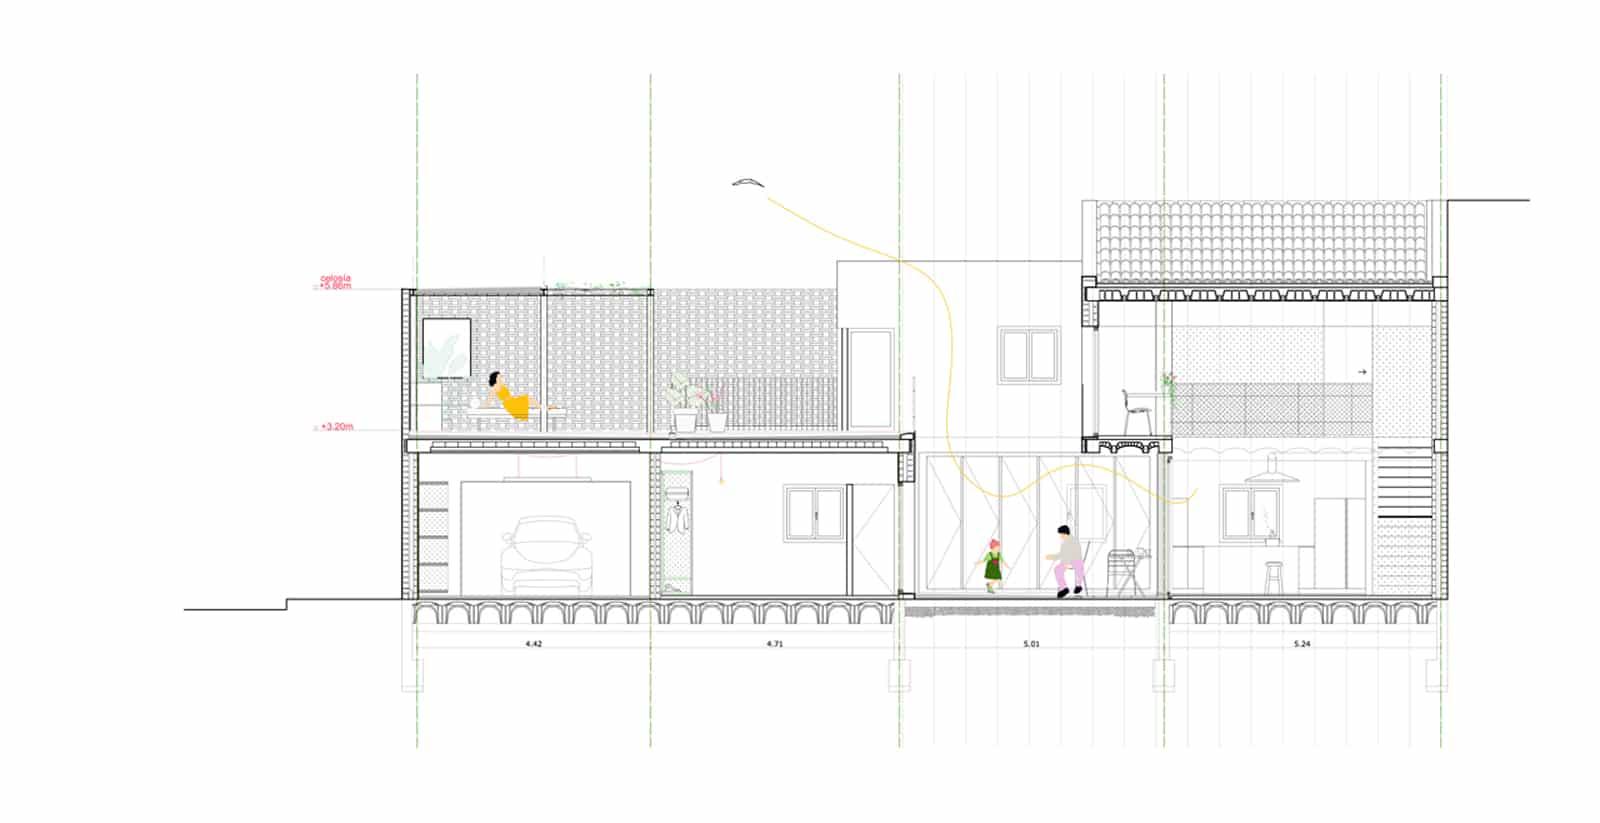 Casa del Cantó  - 20210820 PianoPiano CasadFoio 11.2.2 66